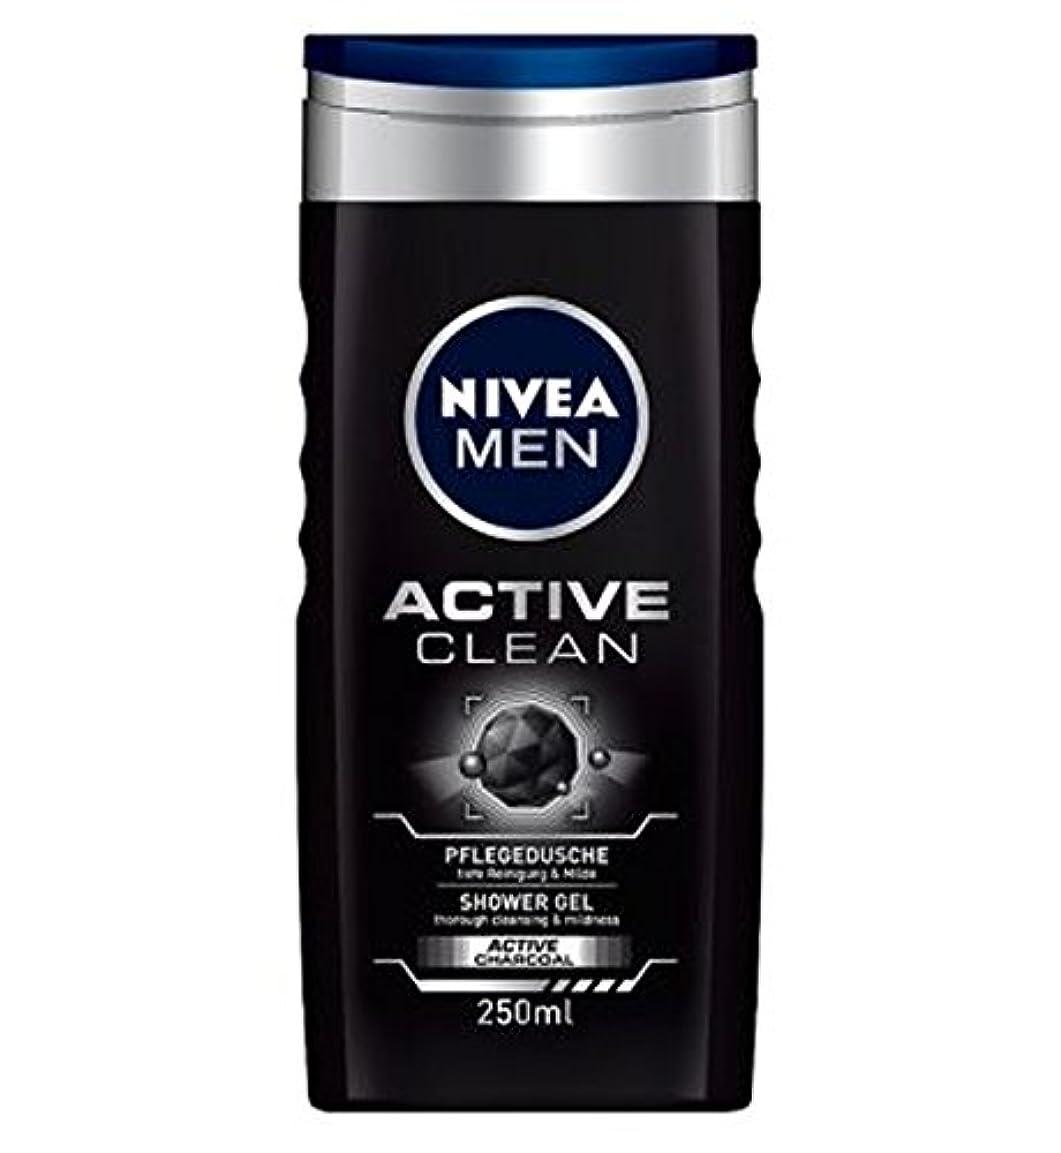 コンクリートゆでる十億NIVEA MEN Active Clean Shower Gel 250ml - ニベアの男性アクティブクリーンシャワージェル250ミリリットル (Nivea) [並行輸入品]